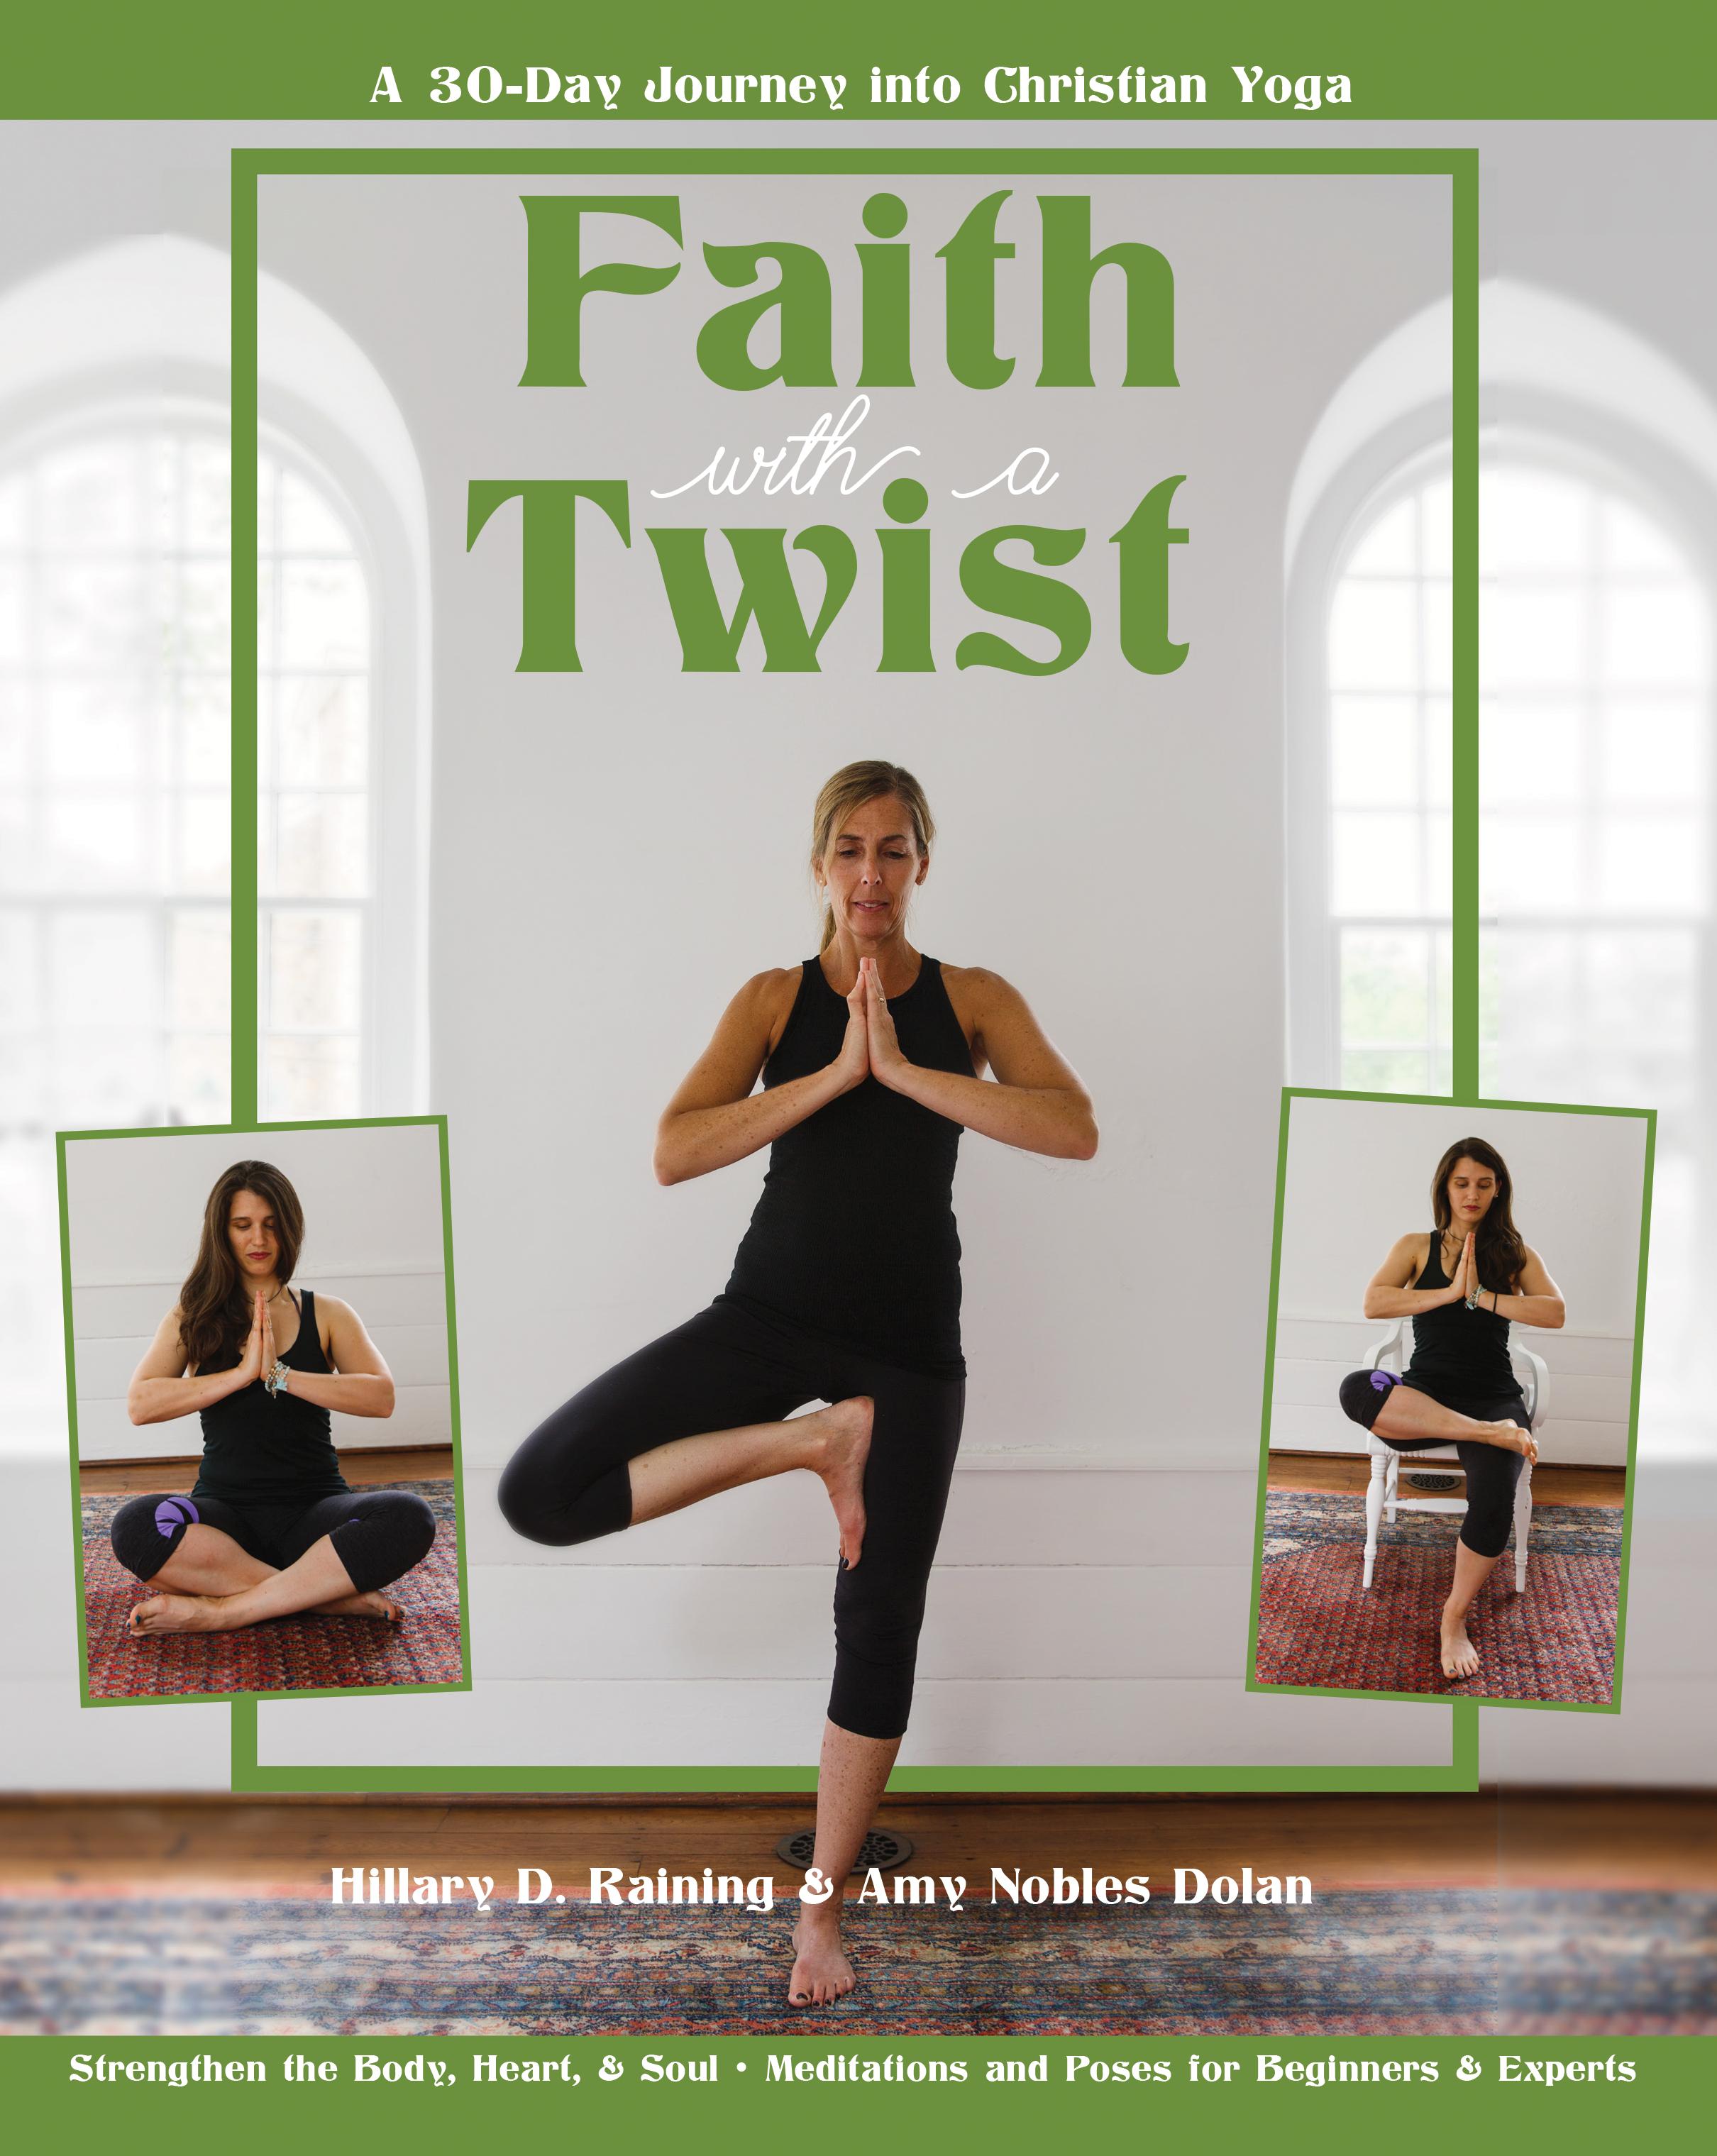 Faith with a twist cover .jpg